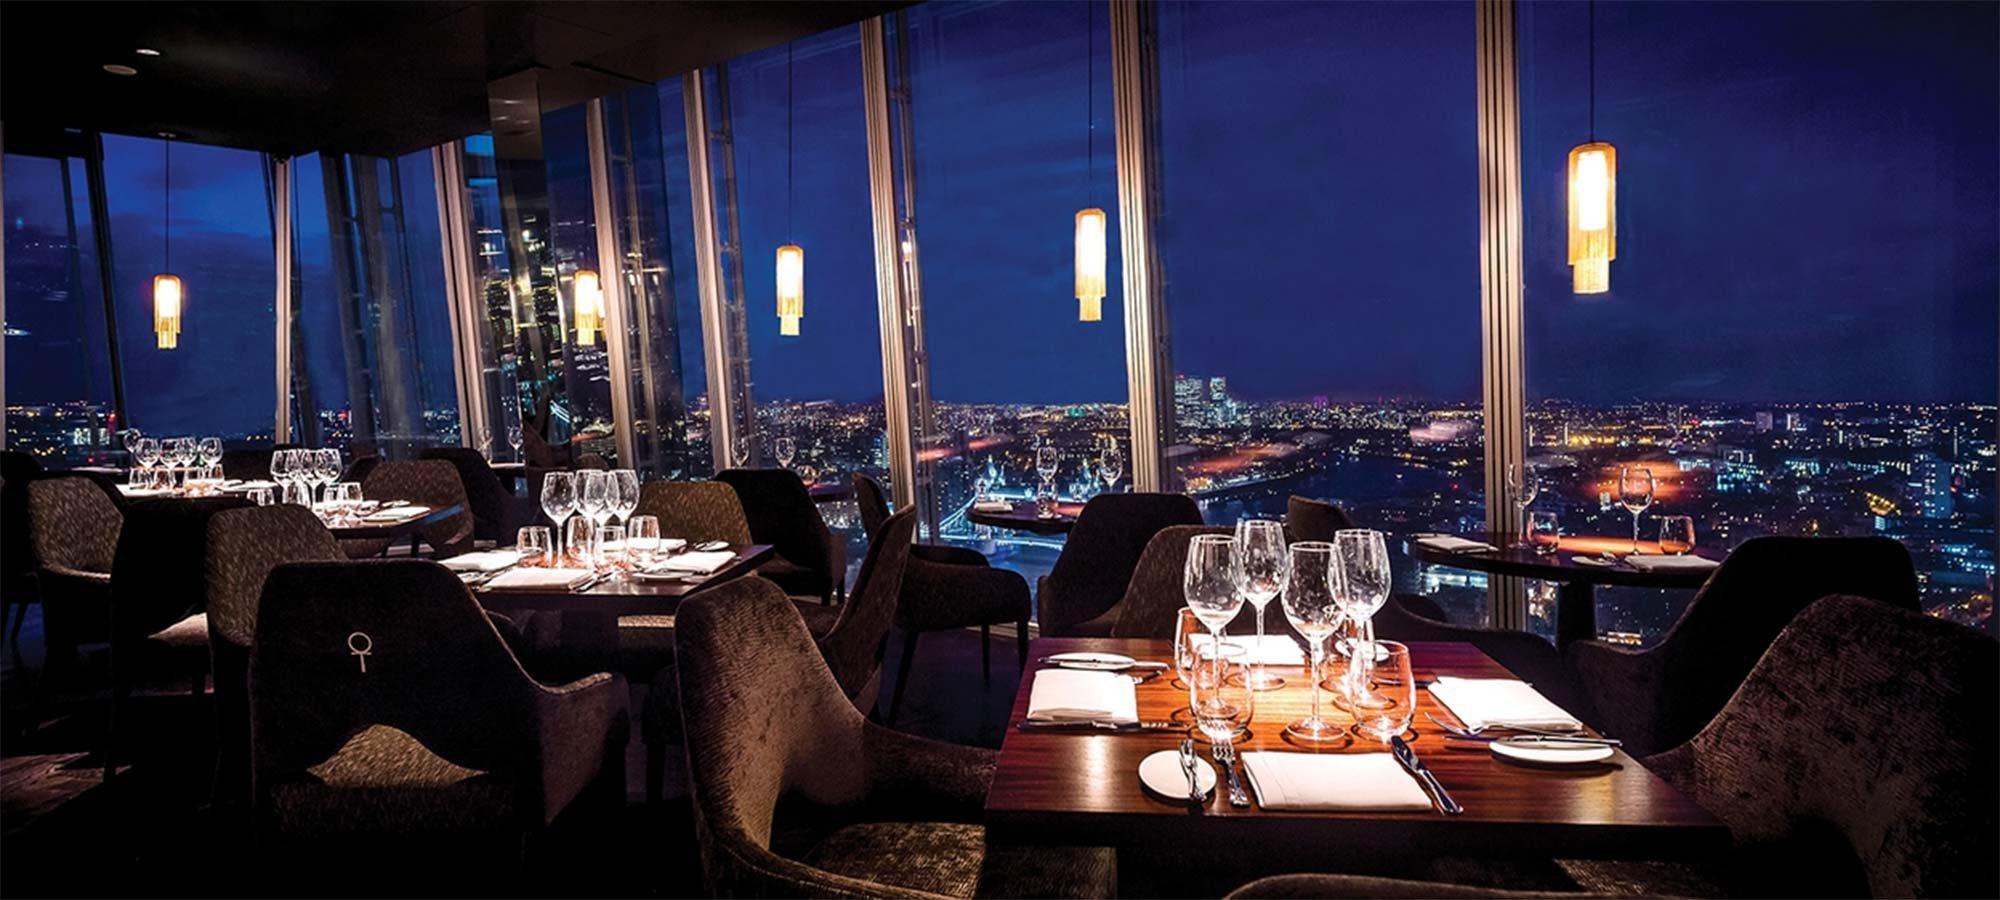 aqua-restaurant-900.jpg__2000x900_q85_crop_subsampling-2_upscale